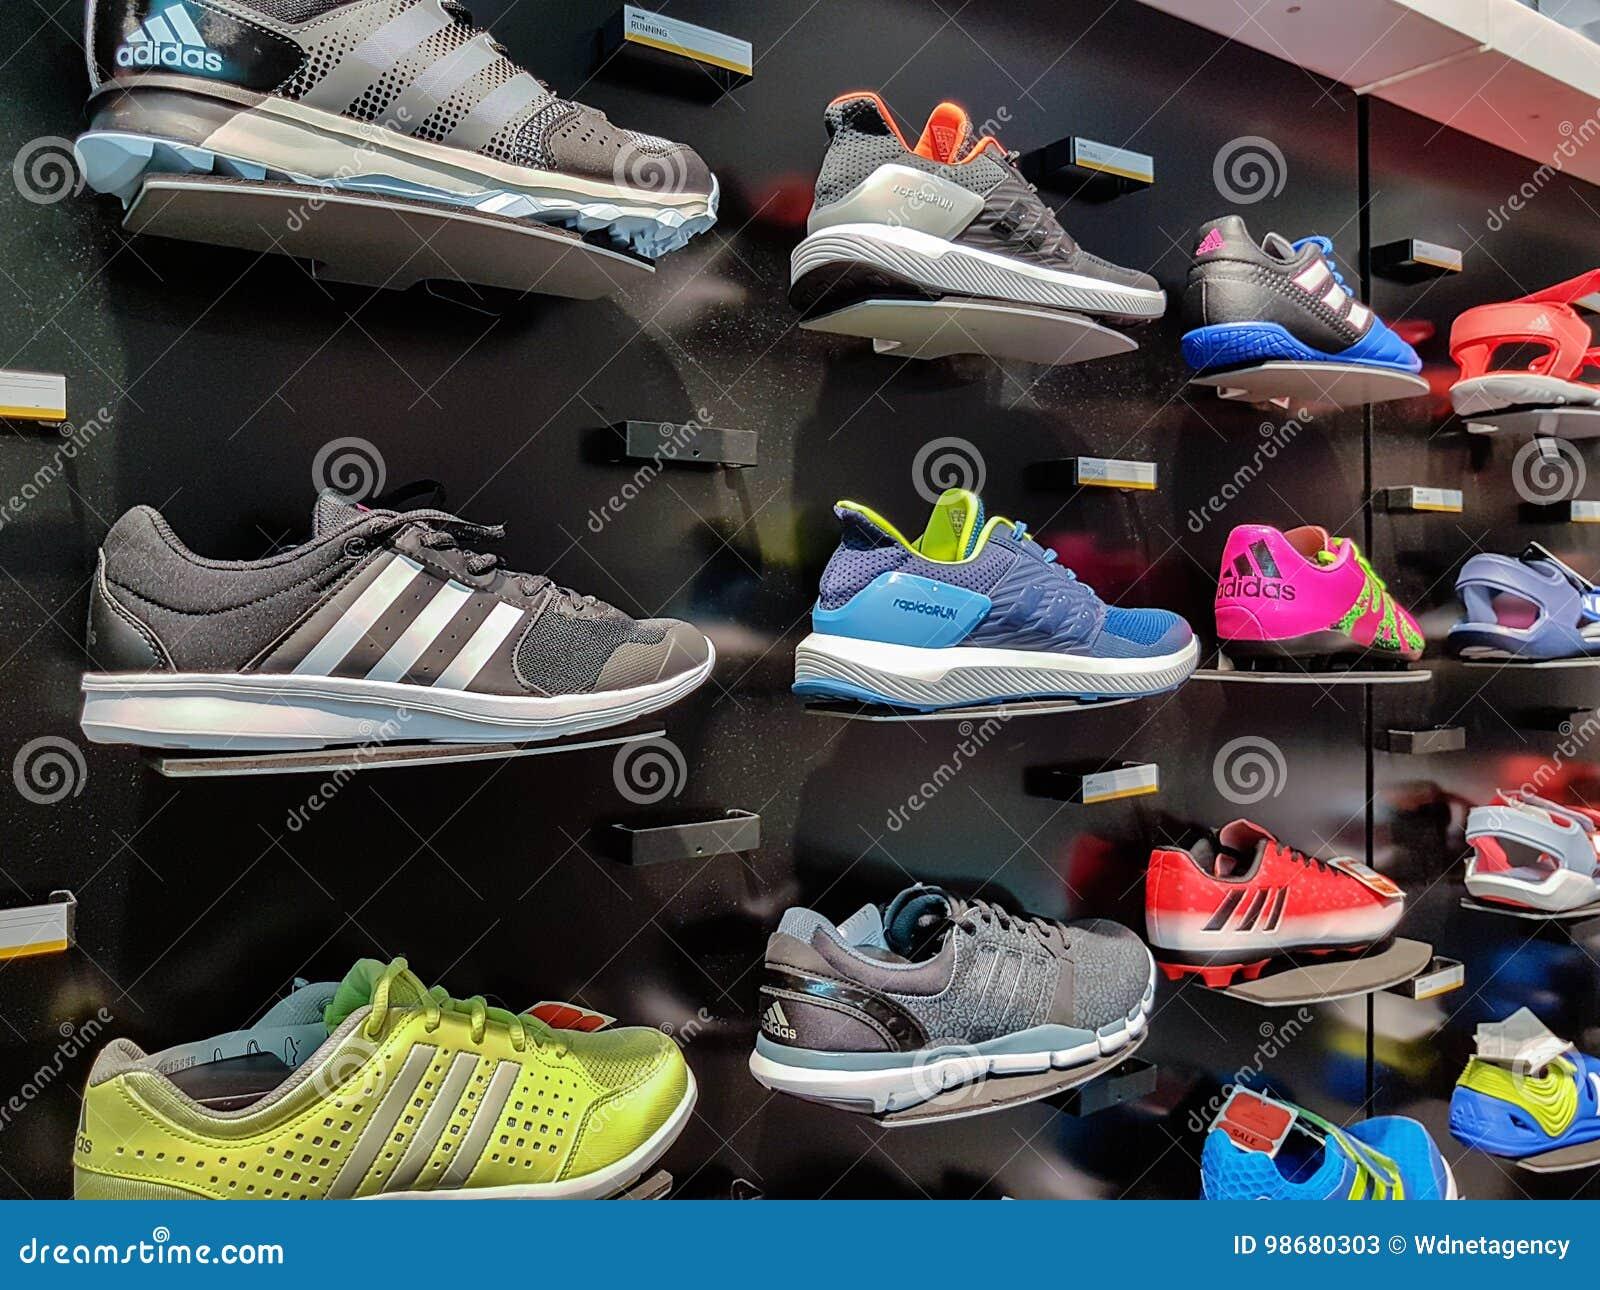 MOSCA, RUSSIA 12 APRILE: Scarpe Di Originali Di Adidas In